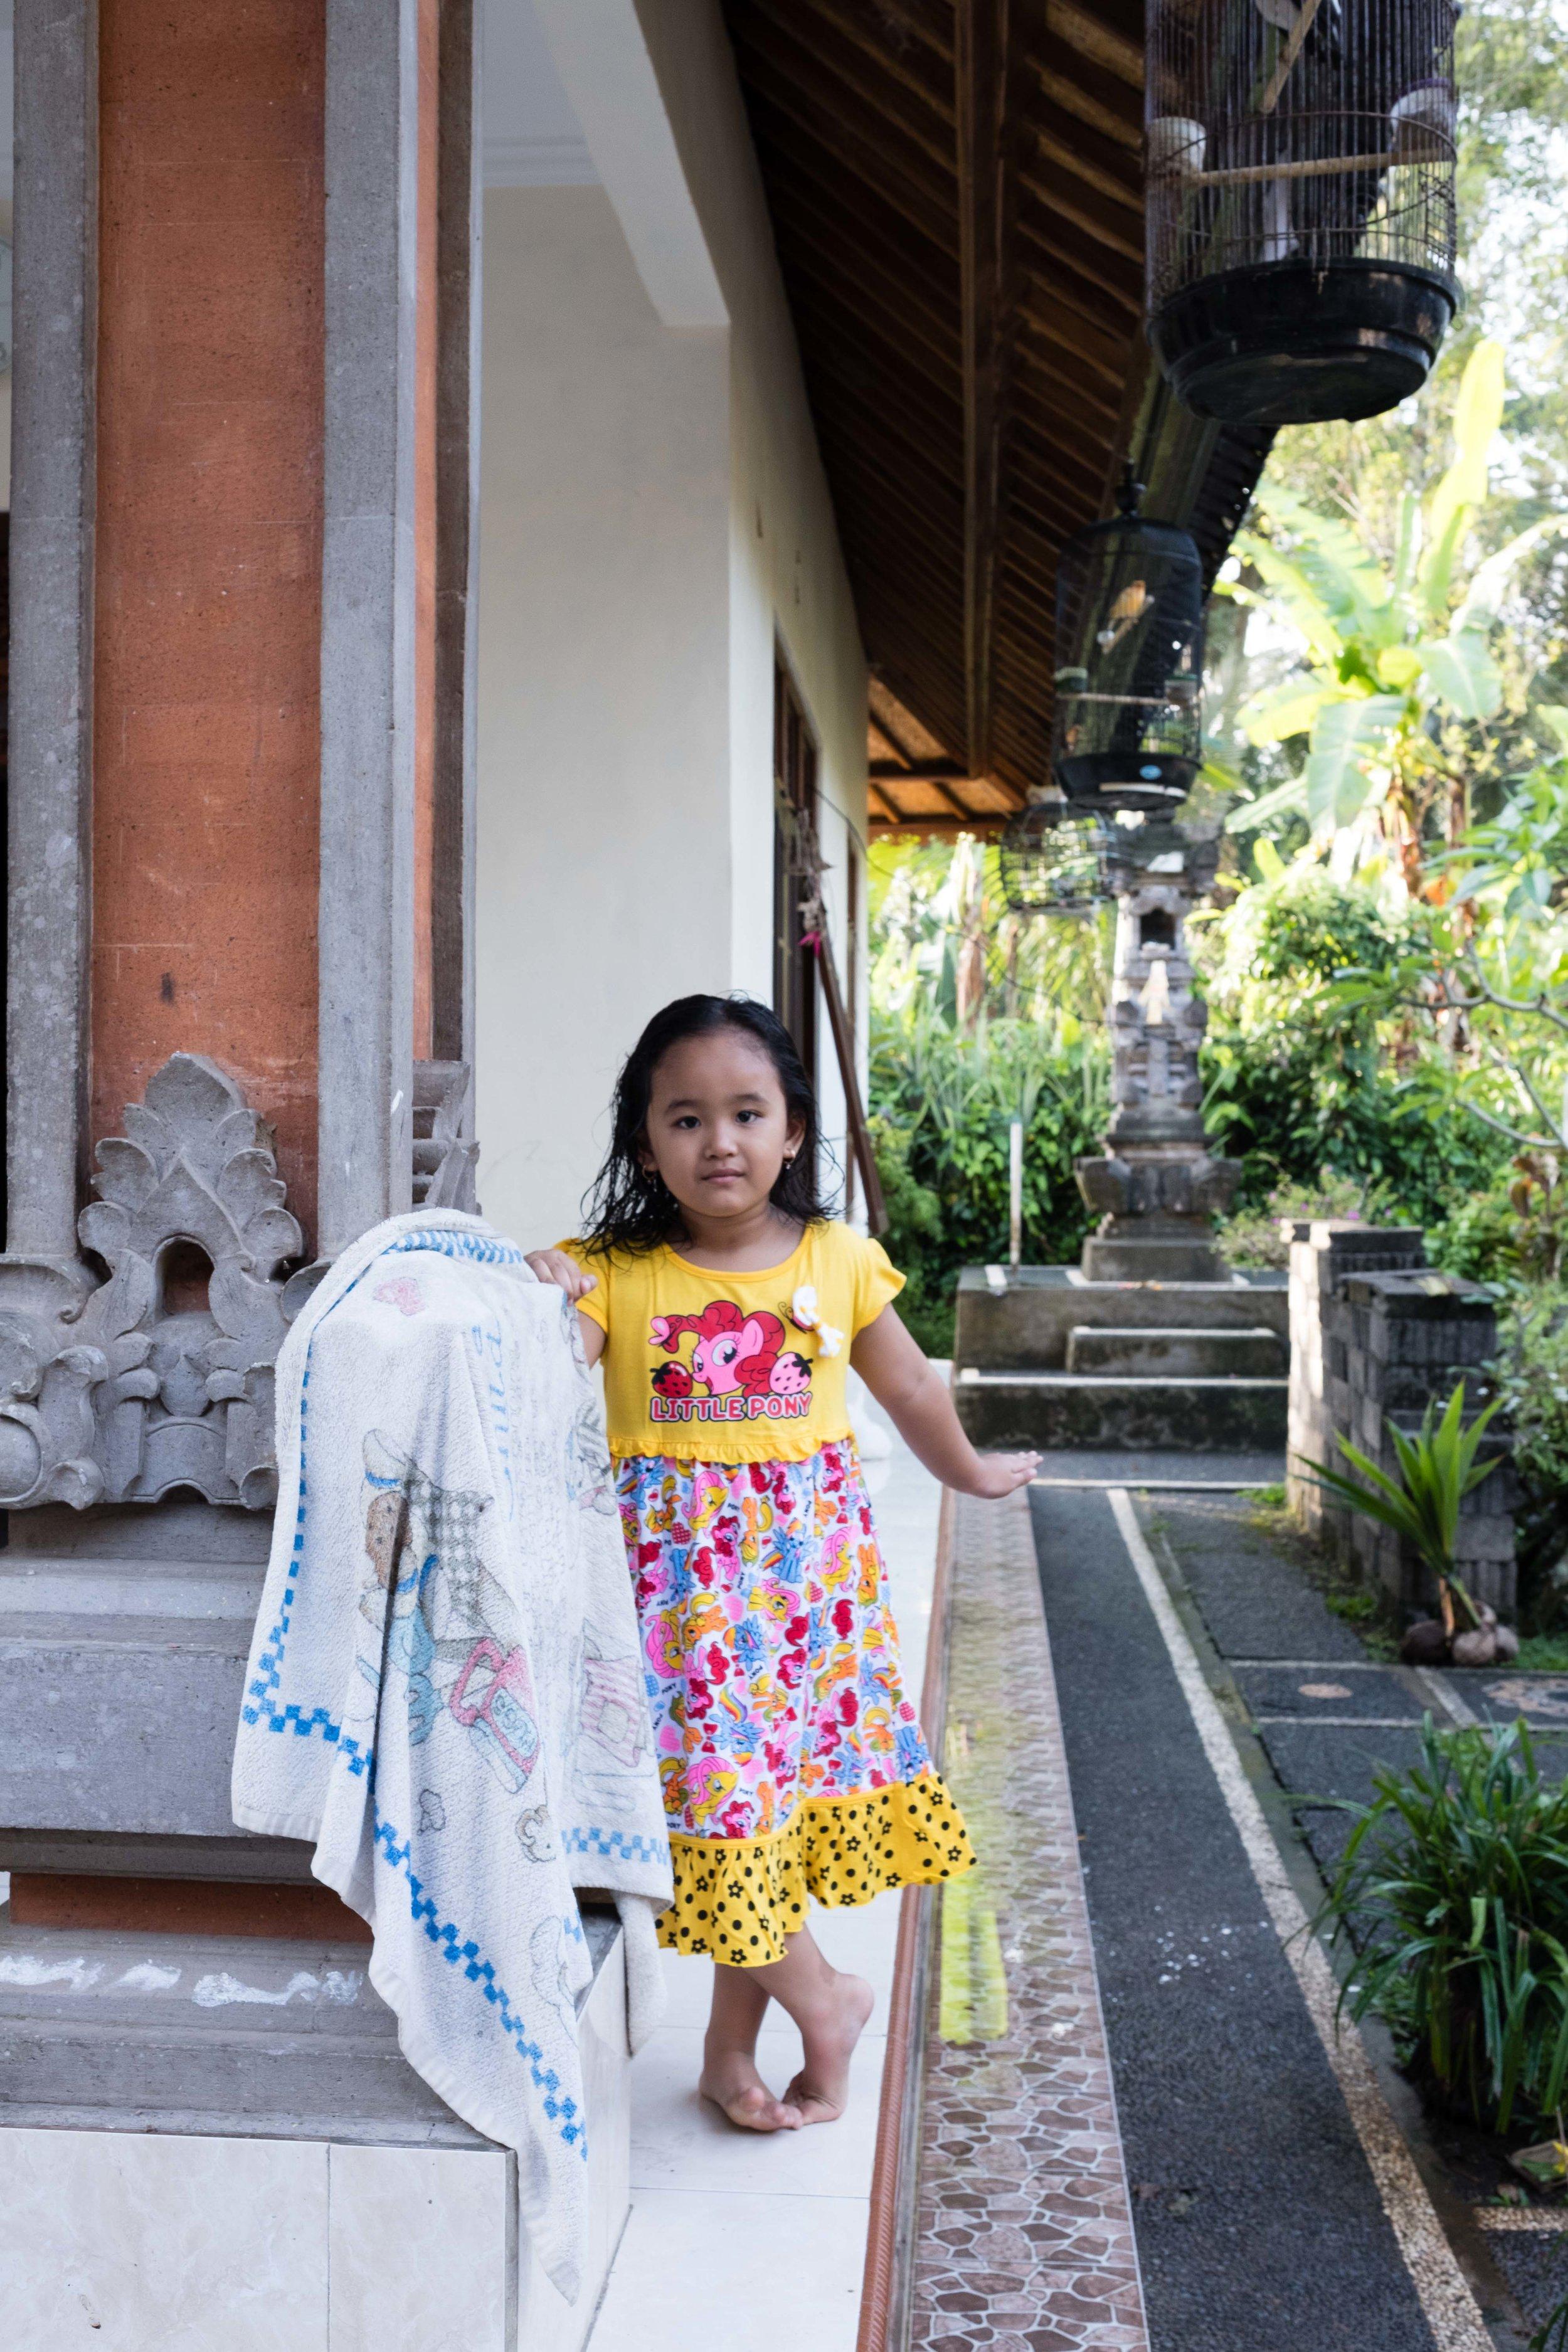 Little girl outside family home